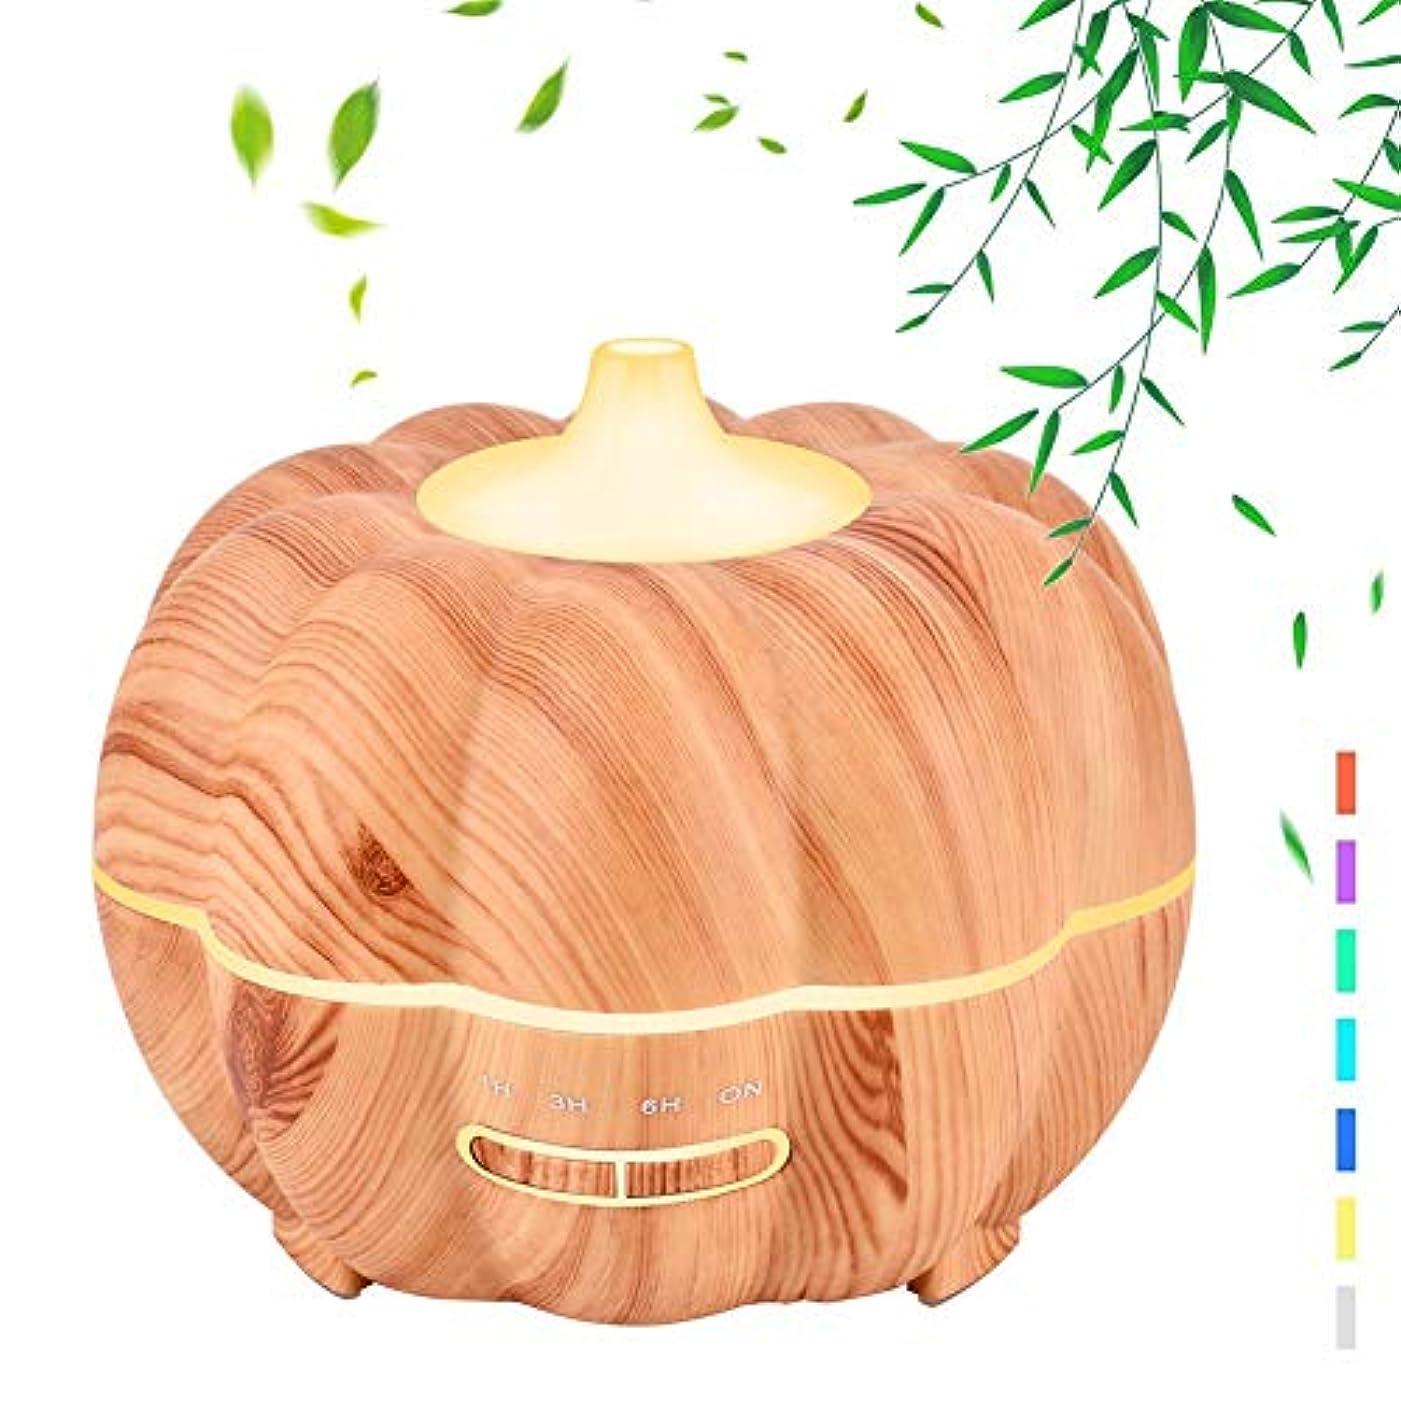 せがむ九月しばしば300ミリリットル木材穀物エッセンシャルオイルディフューザー、加湿器超音波アロマセラピーアロマセラピーディフューザー加湿器、静かな操作、7色フレグランスランプ、ホームオフィス用ヨガスパ,Lightwoodgrain